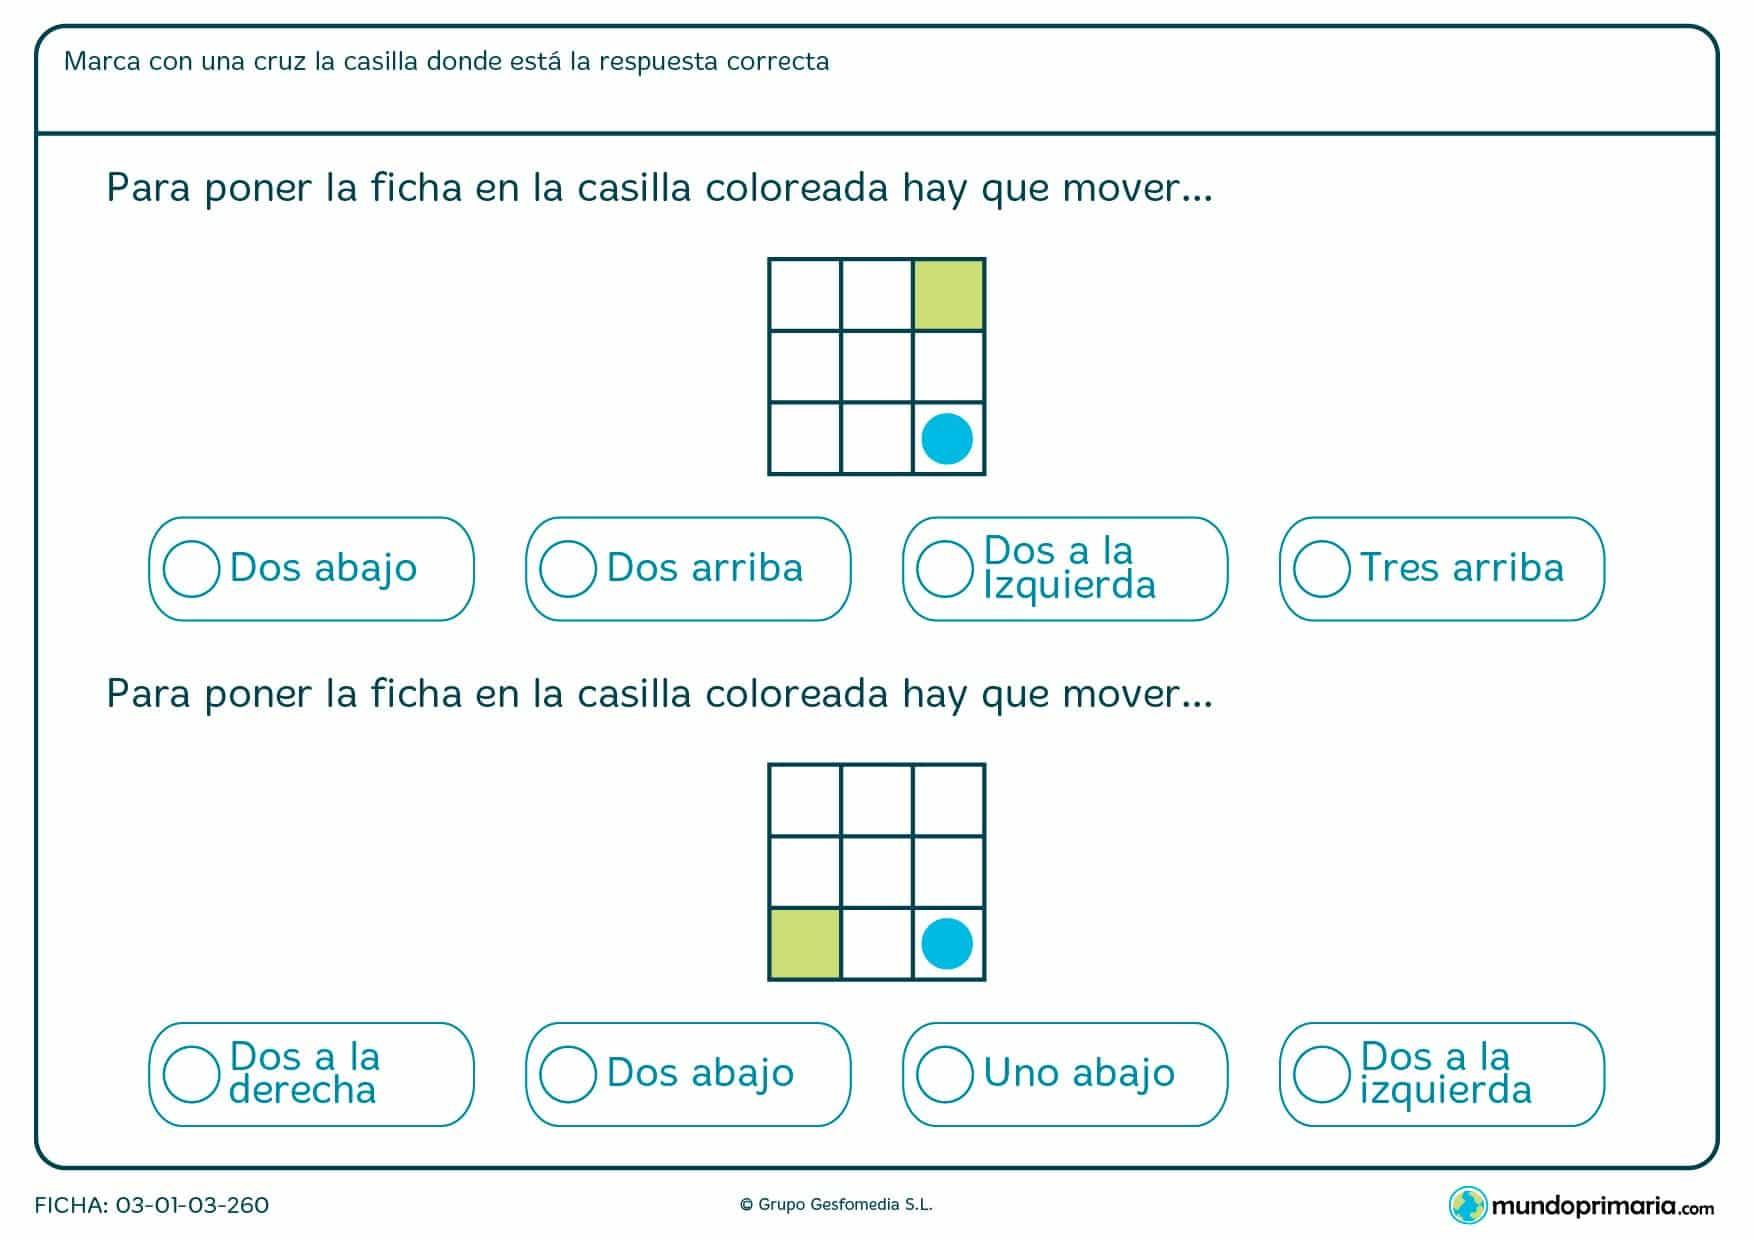 ¿Cuántas casillas hay que desplazar el círculo para dar con la solución? Cuenta los cuadrados que habría que mover.